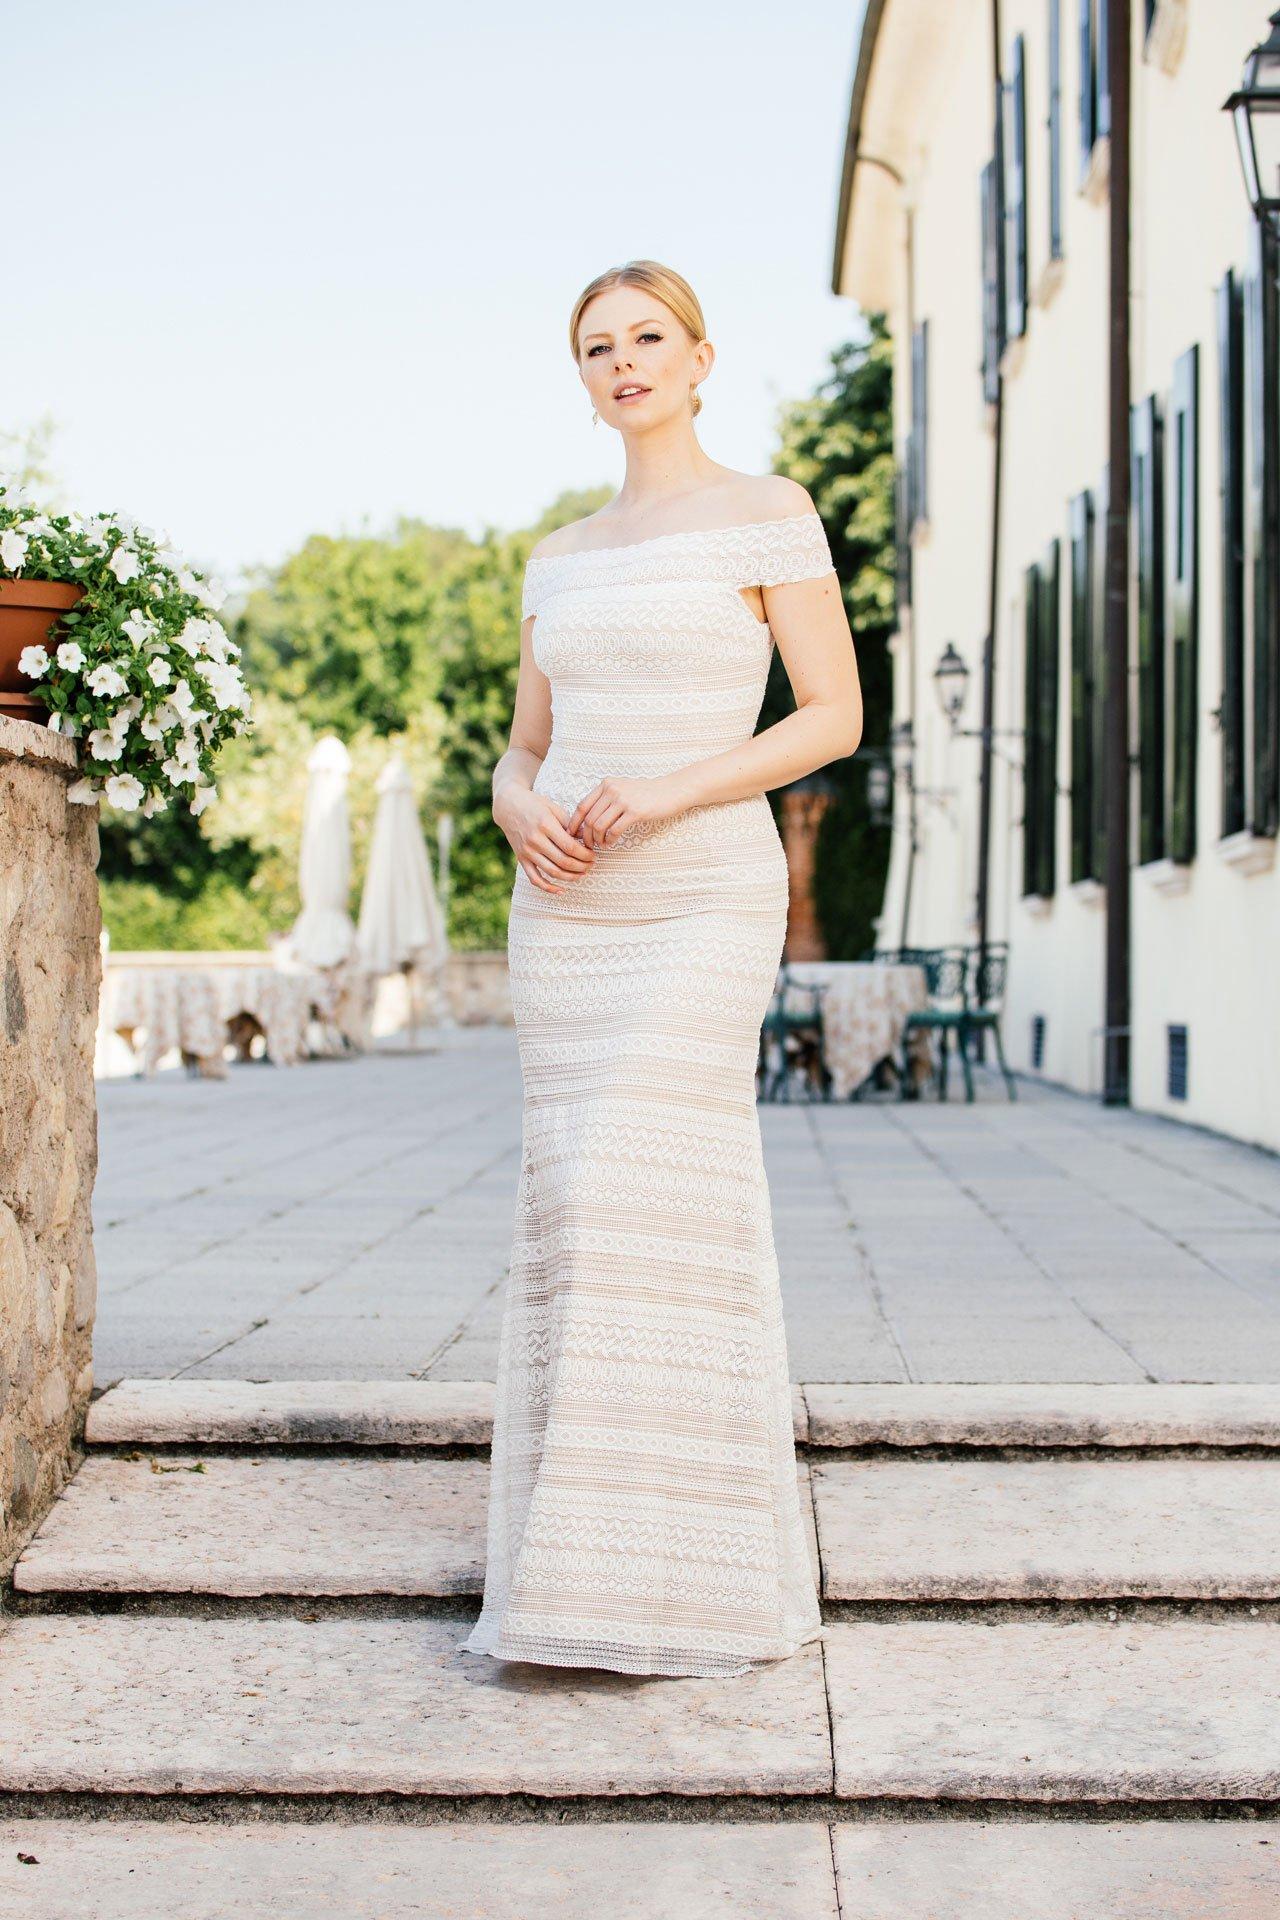 Brautkleid Carmenausschnitt - Stretchkleid in Streifenspitze